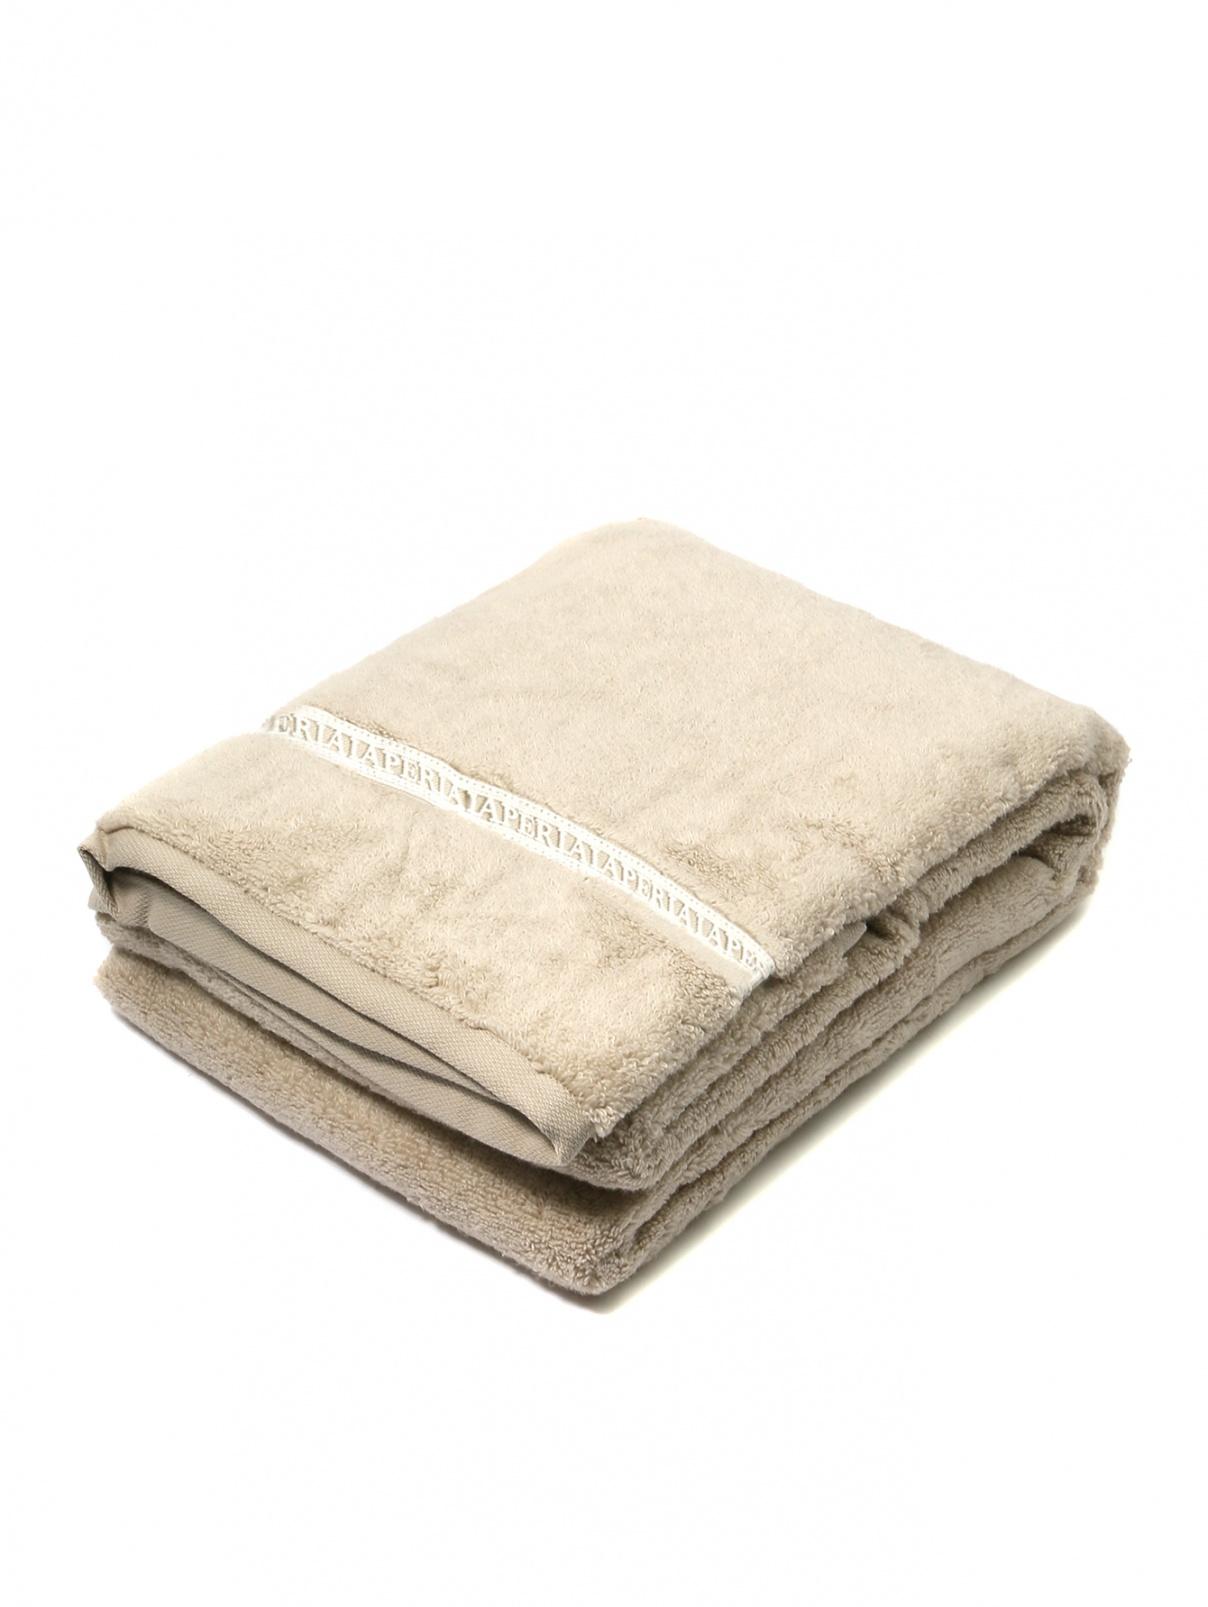 Полотенце из хлопковой махровой ткани с вышивкой 100 x 150 La Perla  –  Общий вид